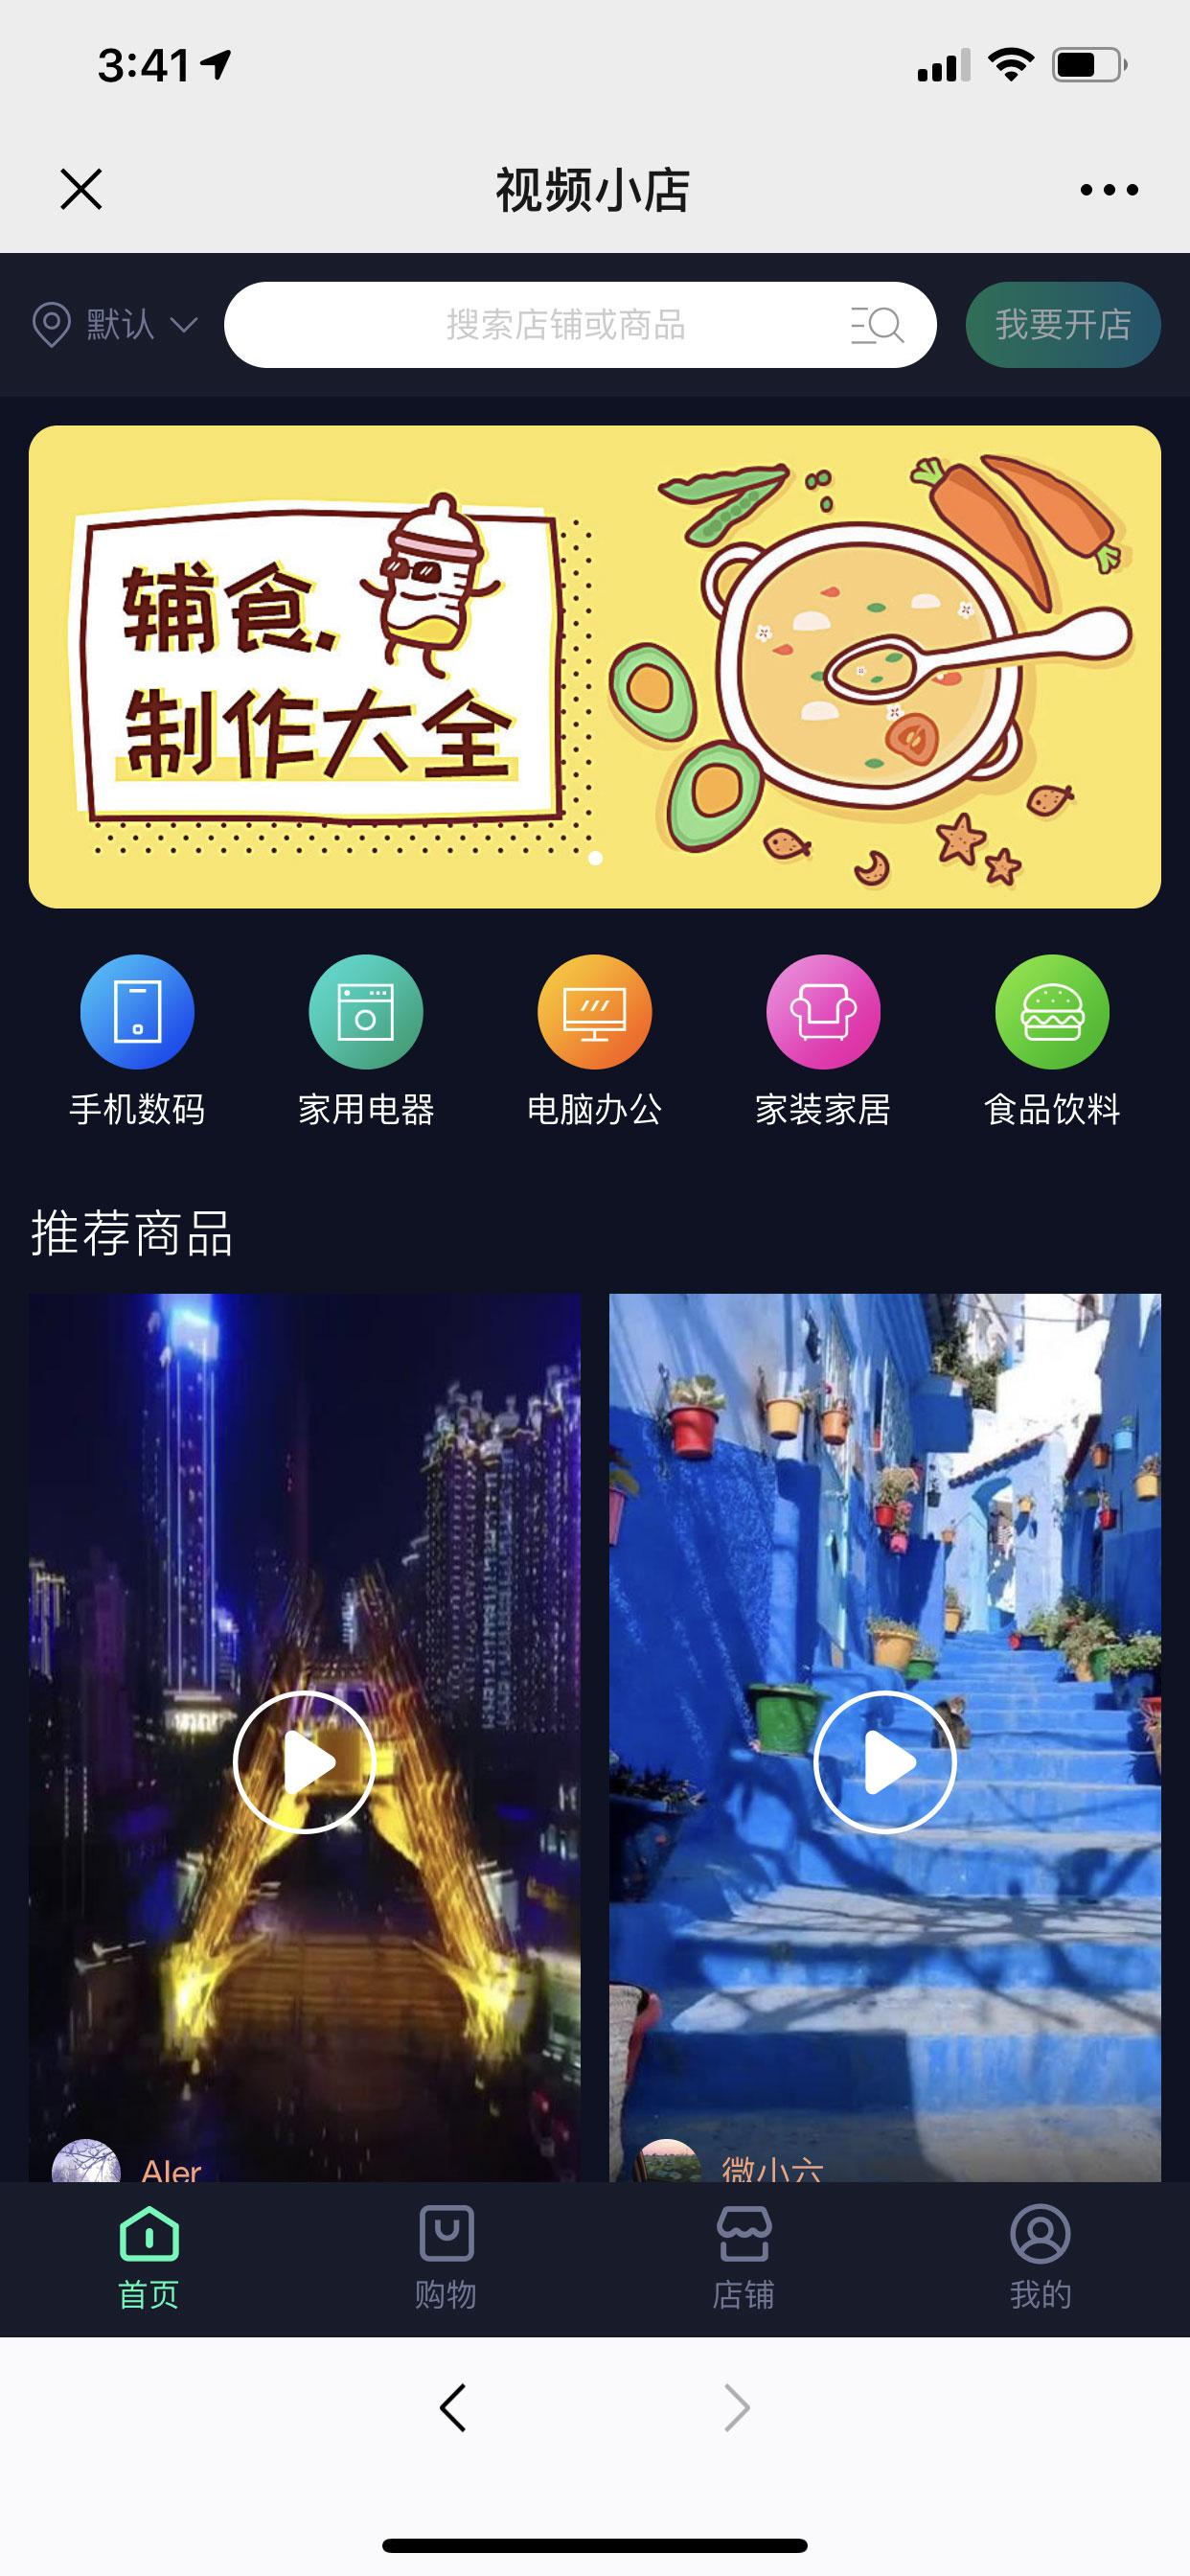 wq模块视频小店V1.0.18-渔枫源码分享网